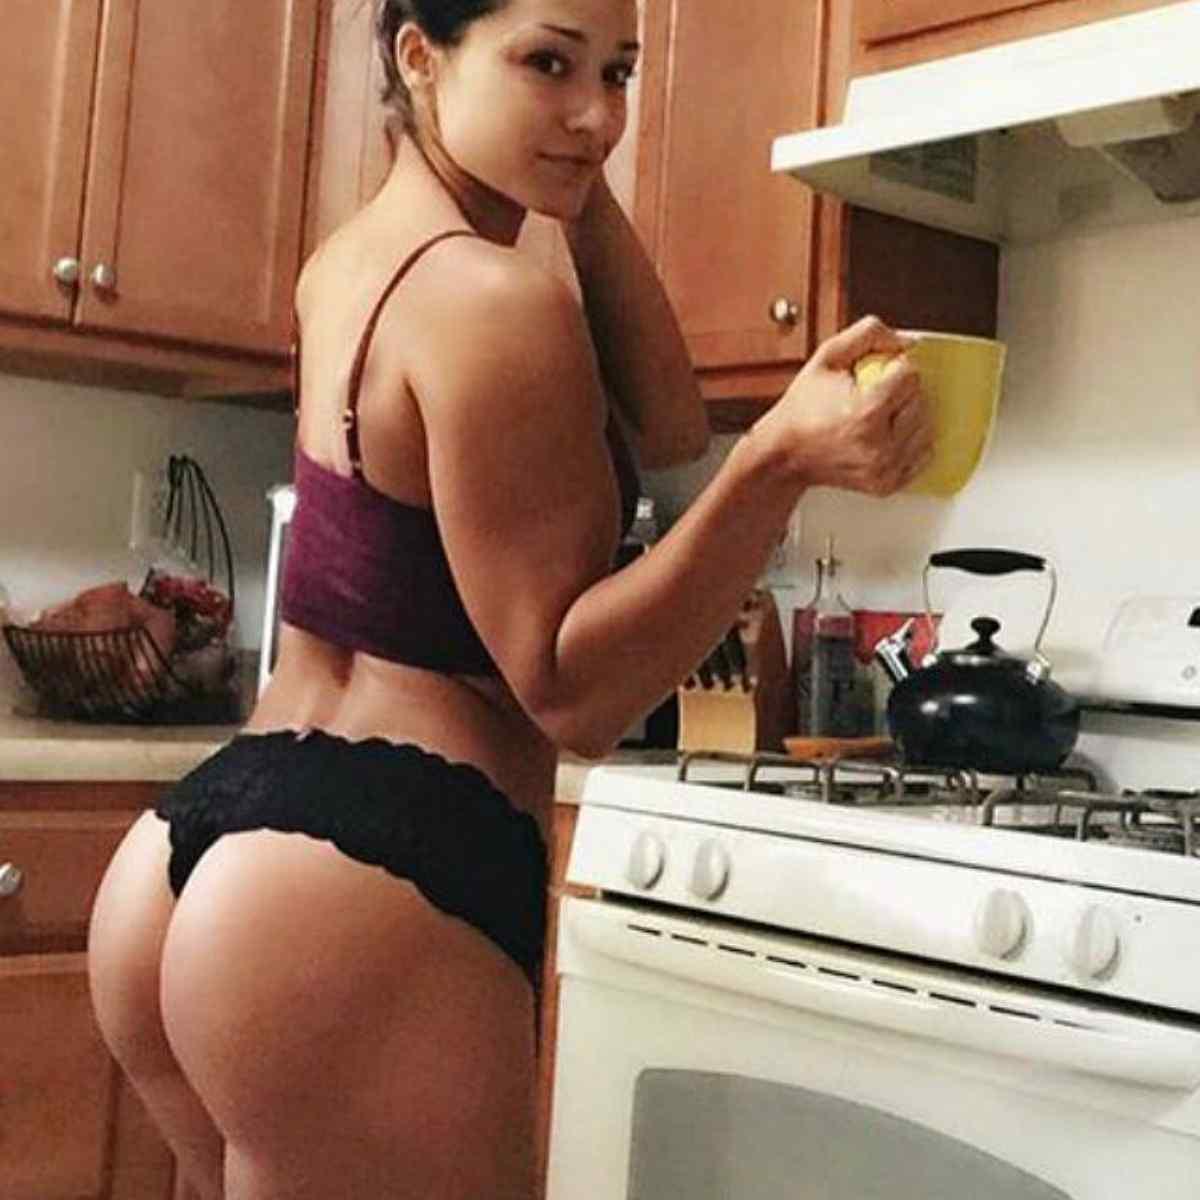 Quais alimentos ajudam a engrossar as pernas?